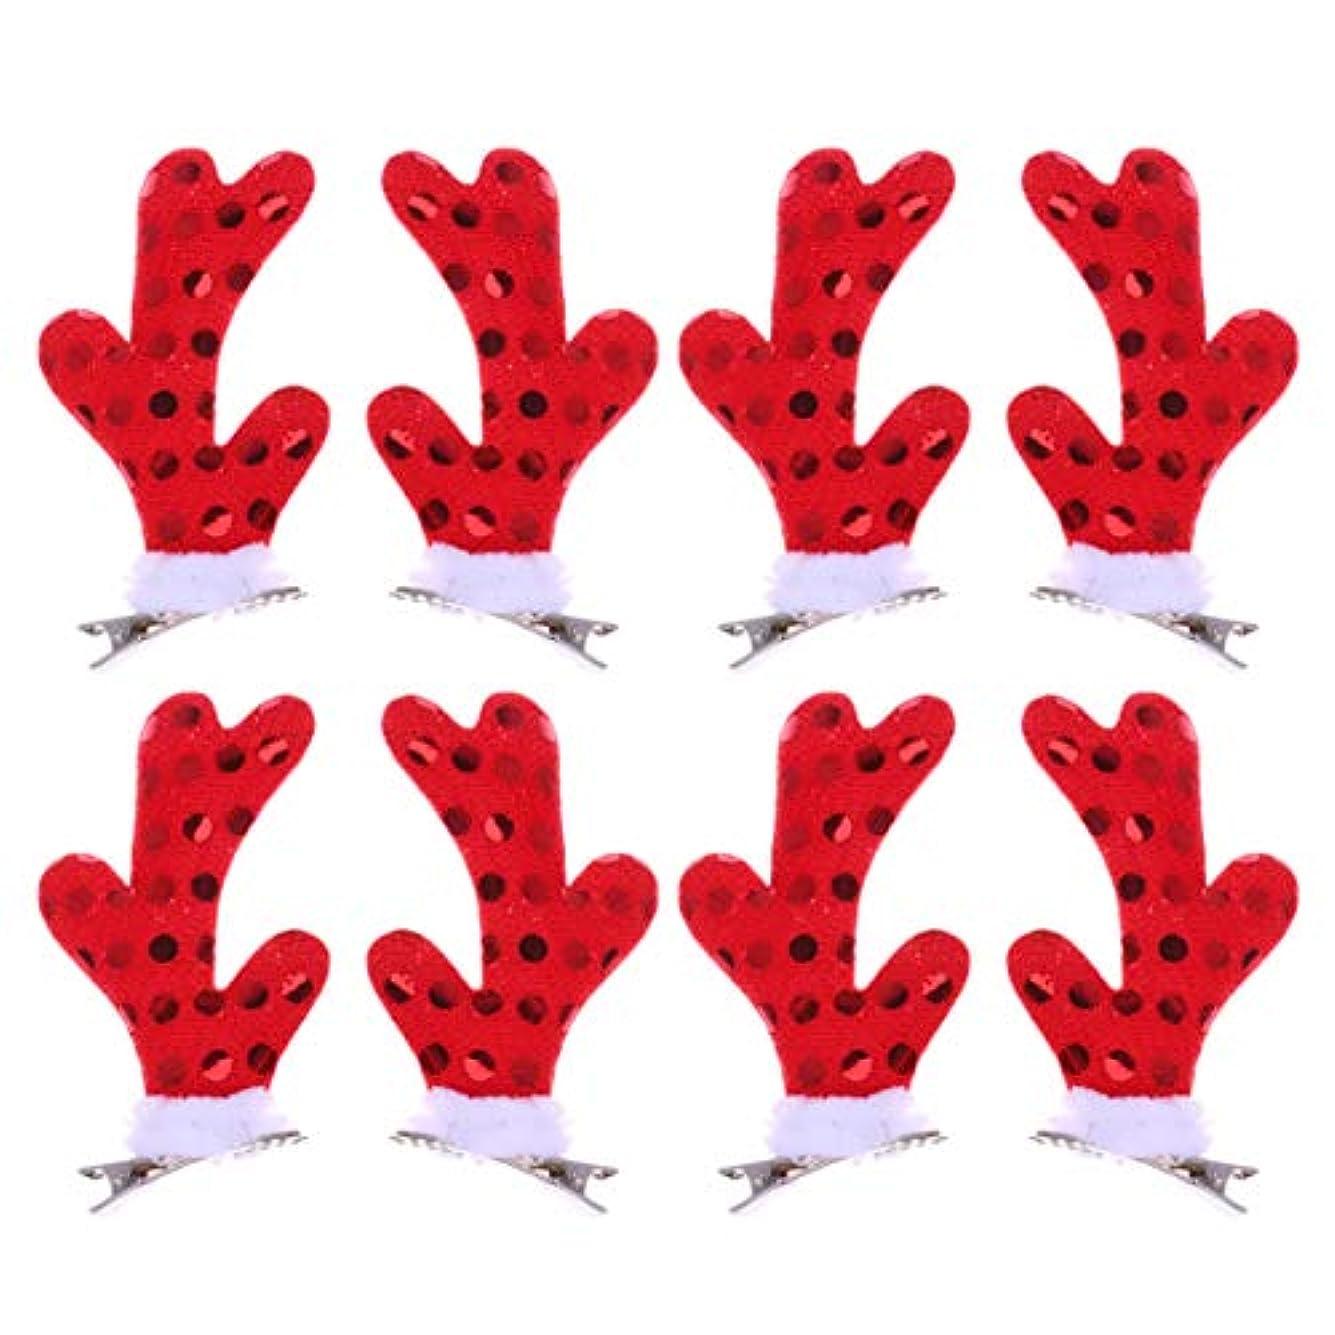 間接的アラビア語保証Lurrose 女の子のための4ペアクリスマスヘアクリップかわいい枝角ヘアピンクリスマスパーティーアクセサリー用女性女の子